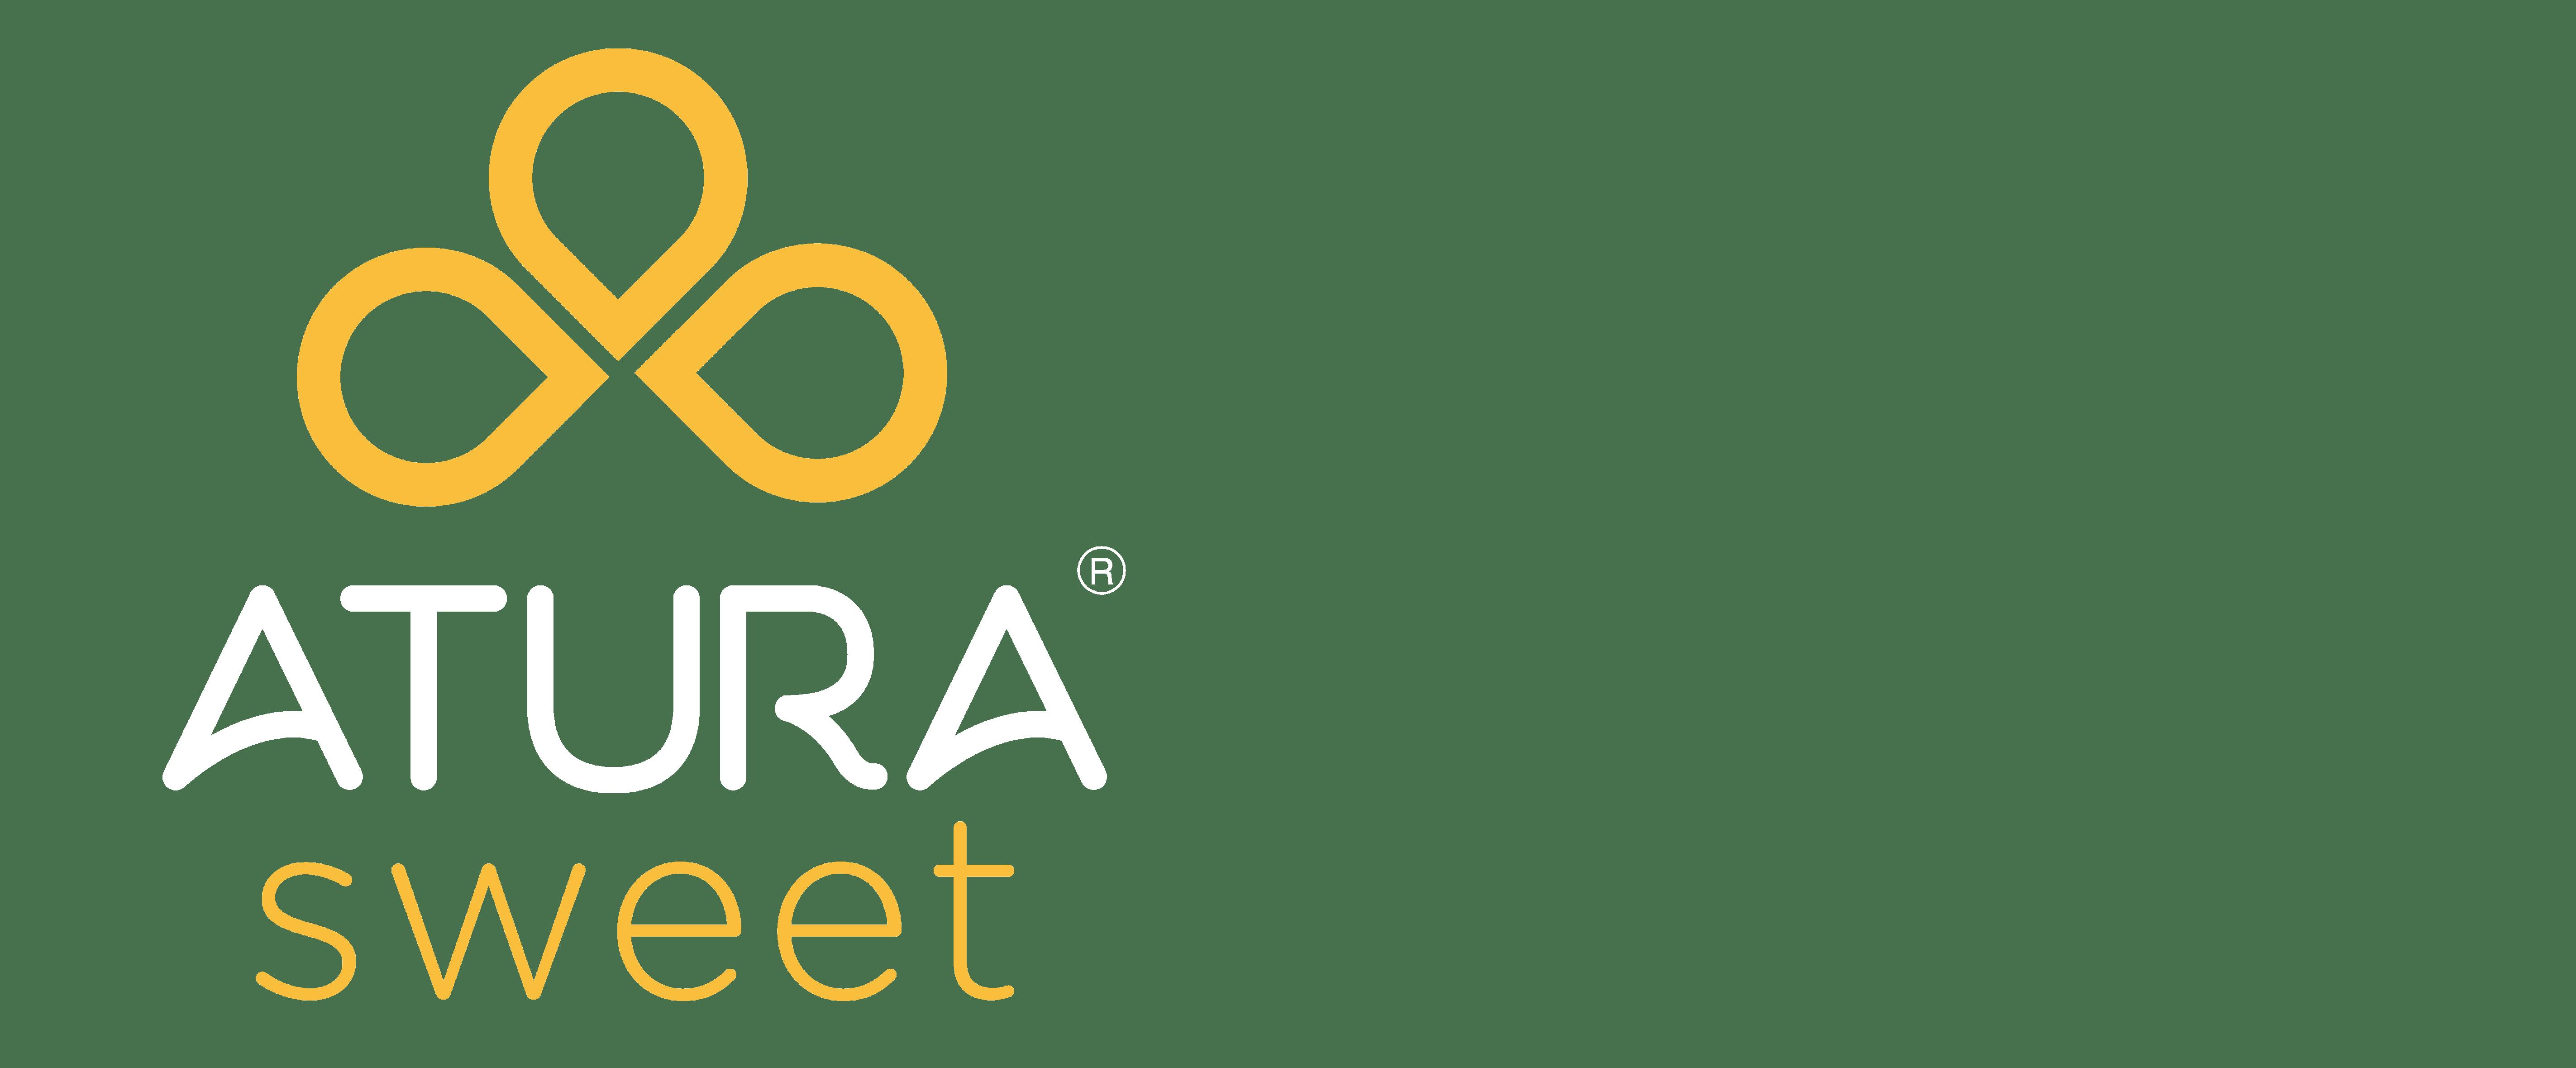 Atura Sweet